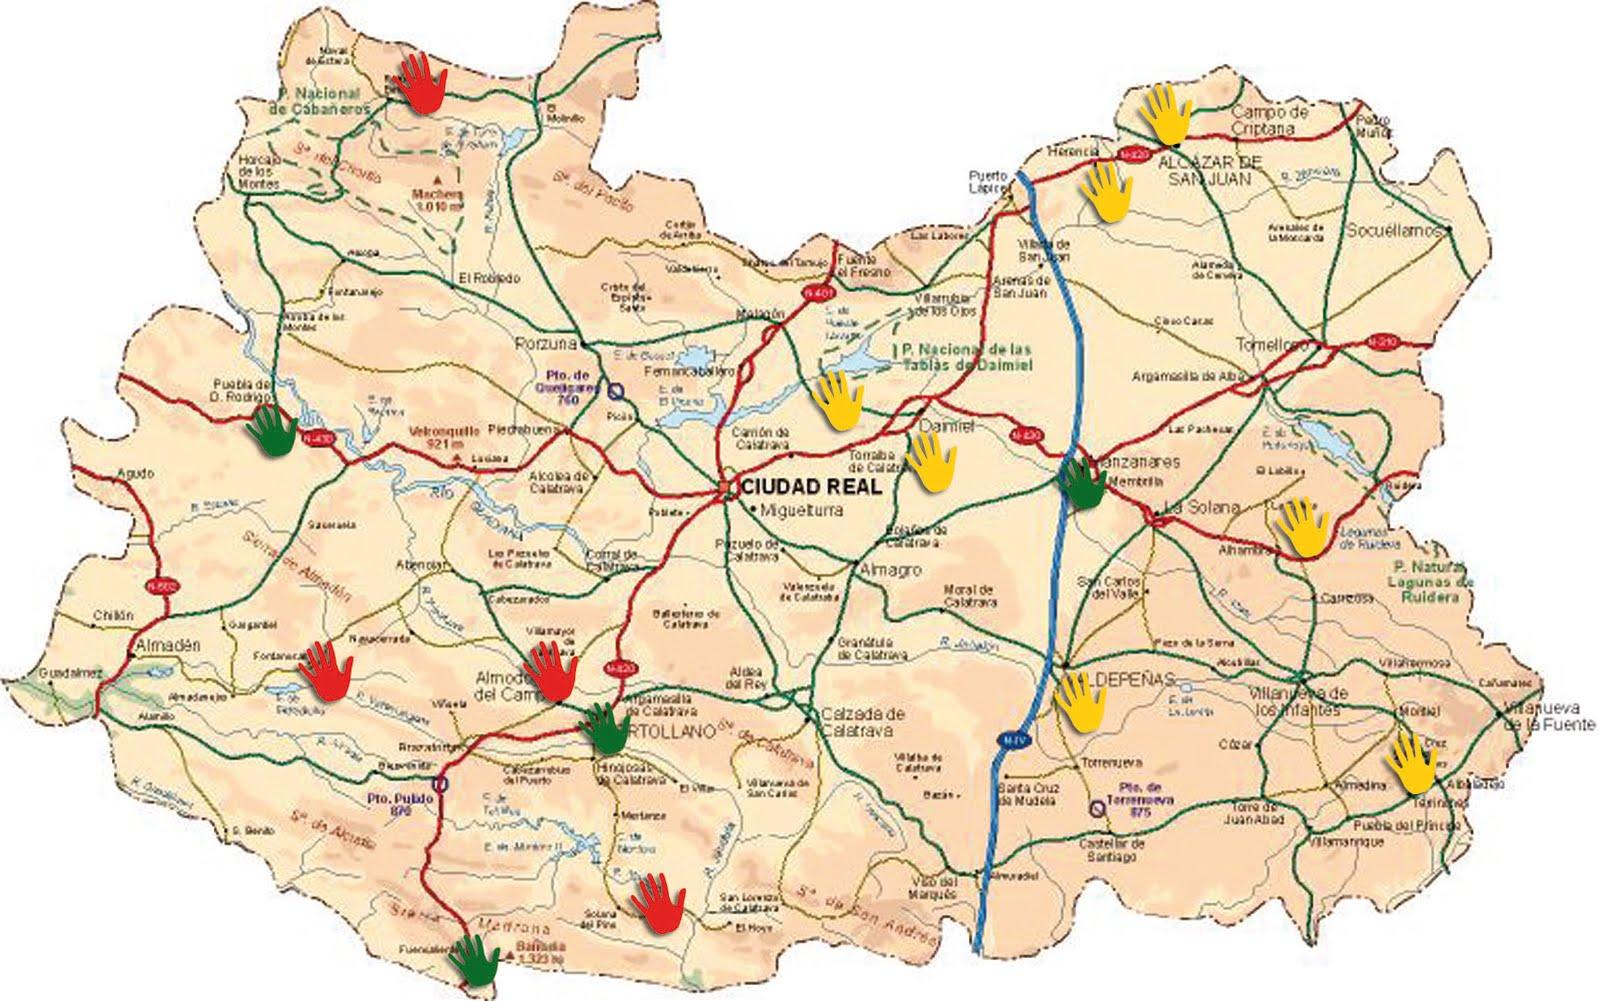 Plumaroja 2 0 el mapa de la verguenza - Plano de ciudad real ...